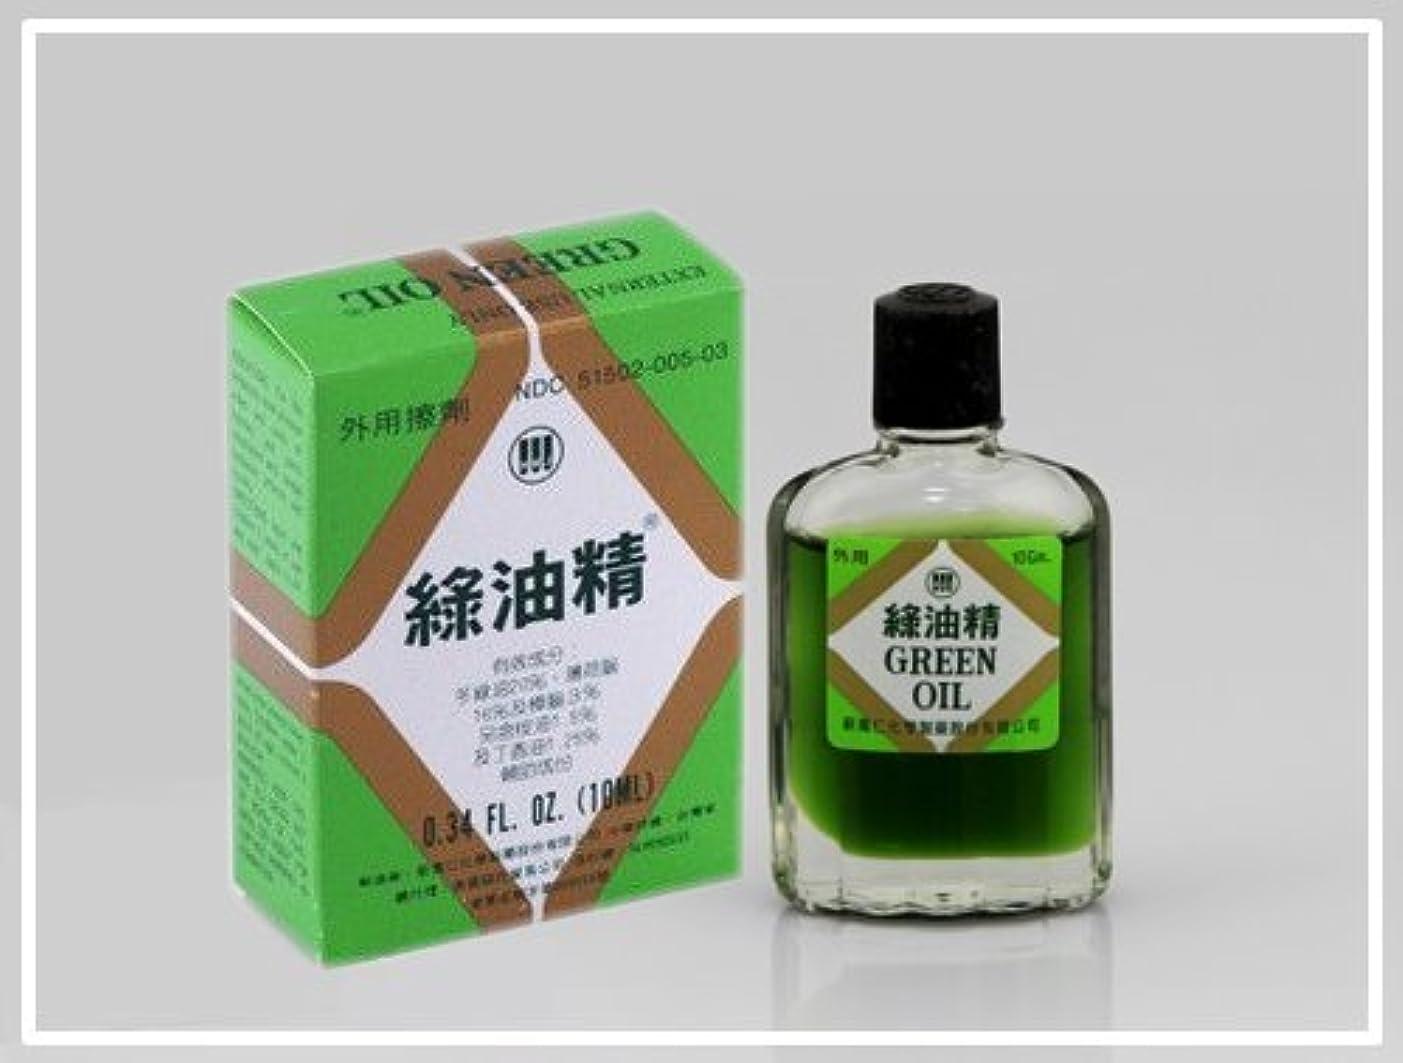 警告恩恵懲らしめ台湾純正版 新萬仁緑油精 グリーンオイル 緑油精 10ml [並行輸入品]